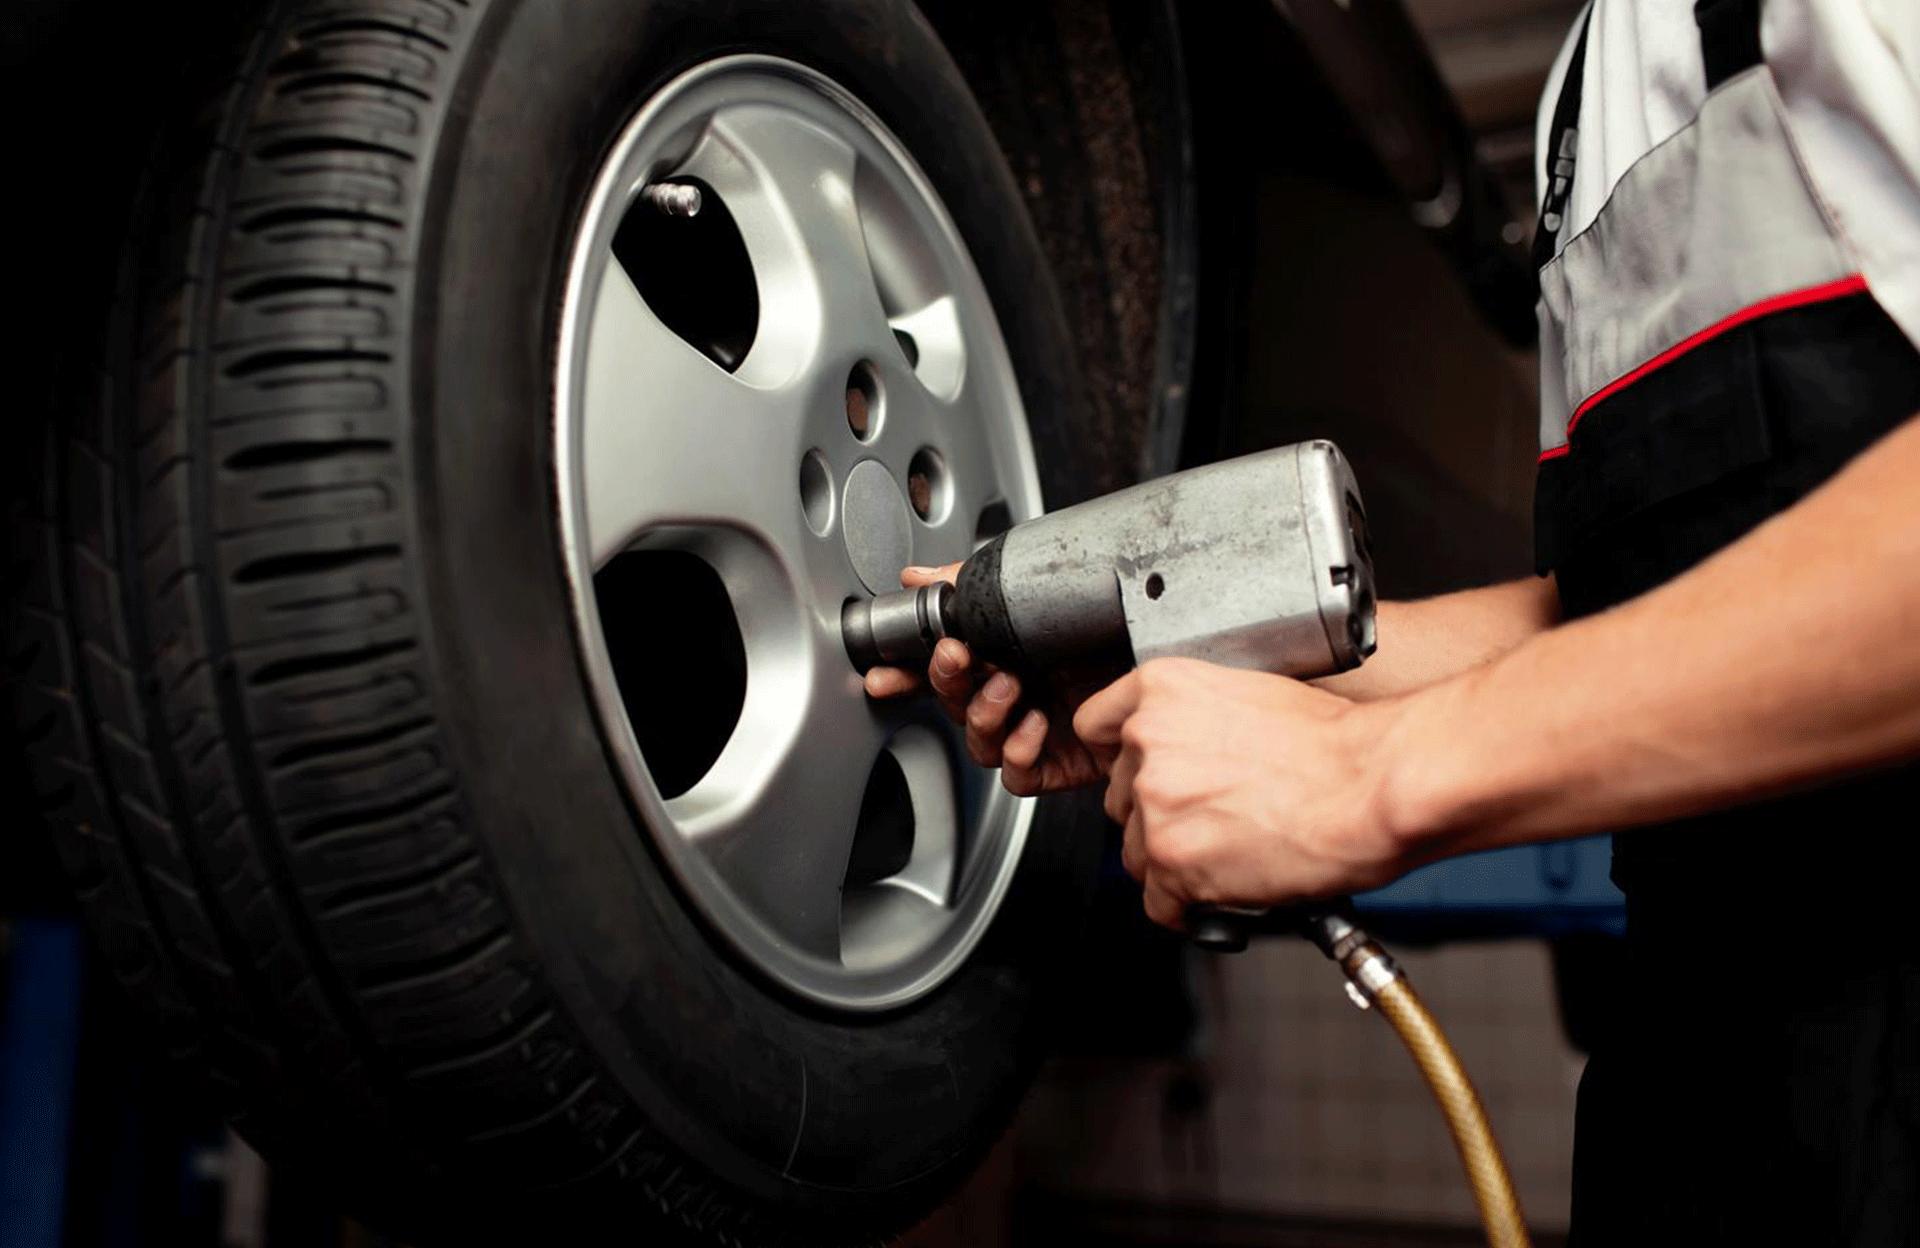 Démontage Montage Des Pneus agadir- Maison des pneus